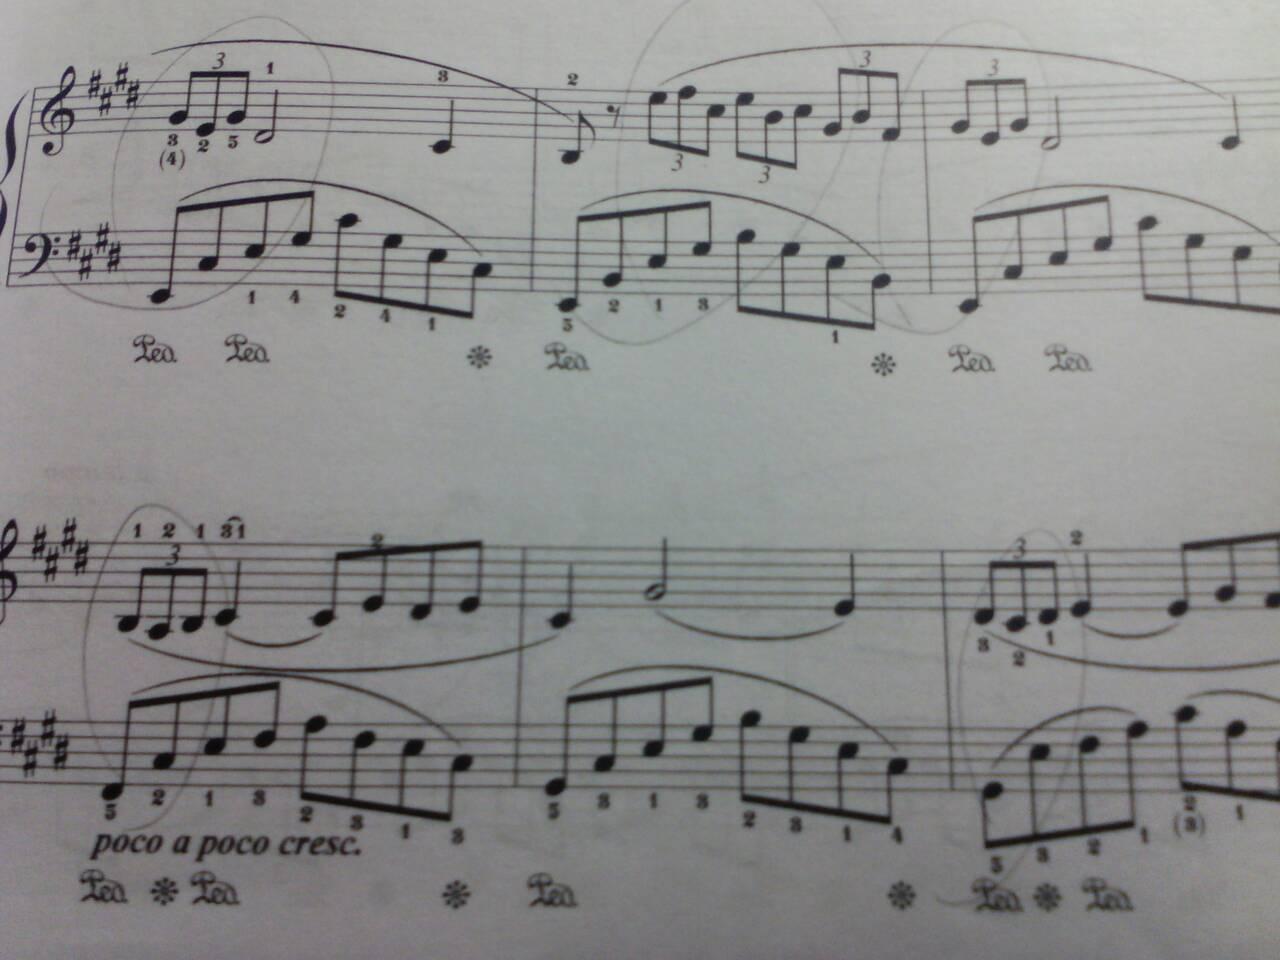 钢琴谱帮忙